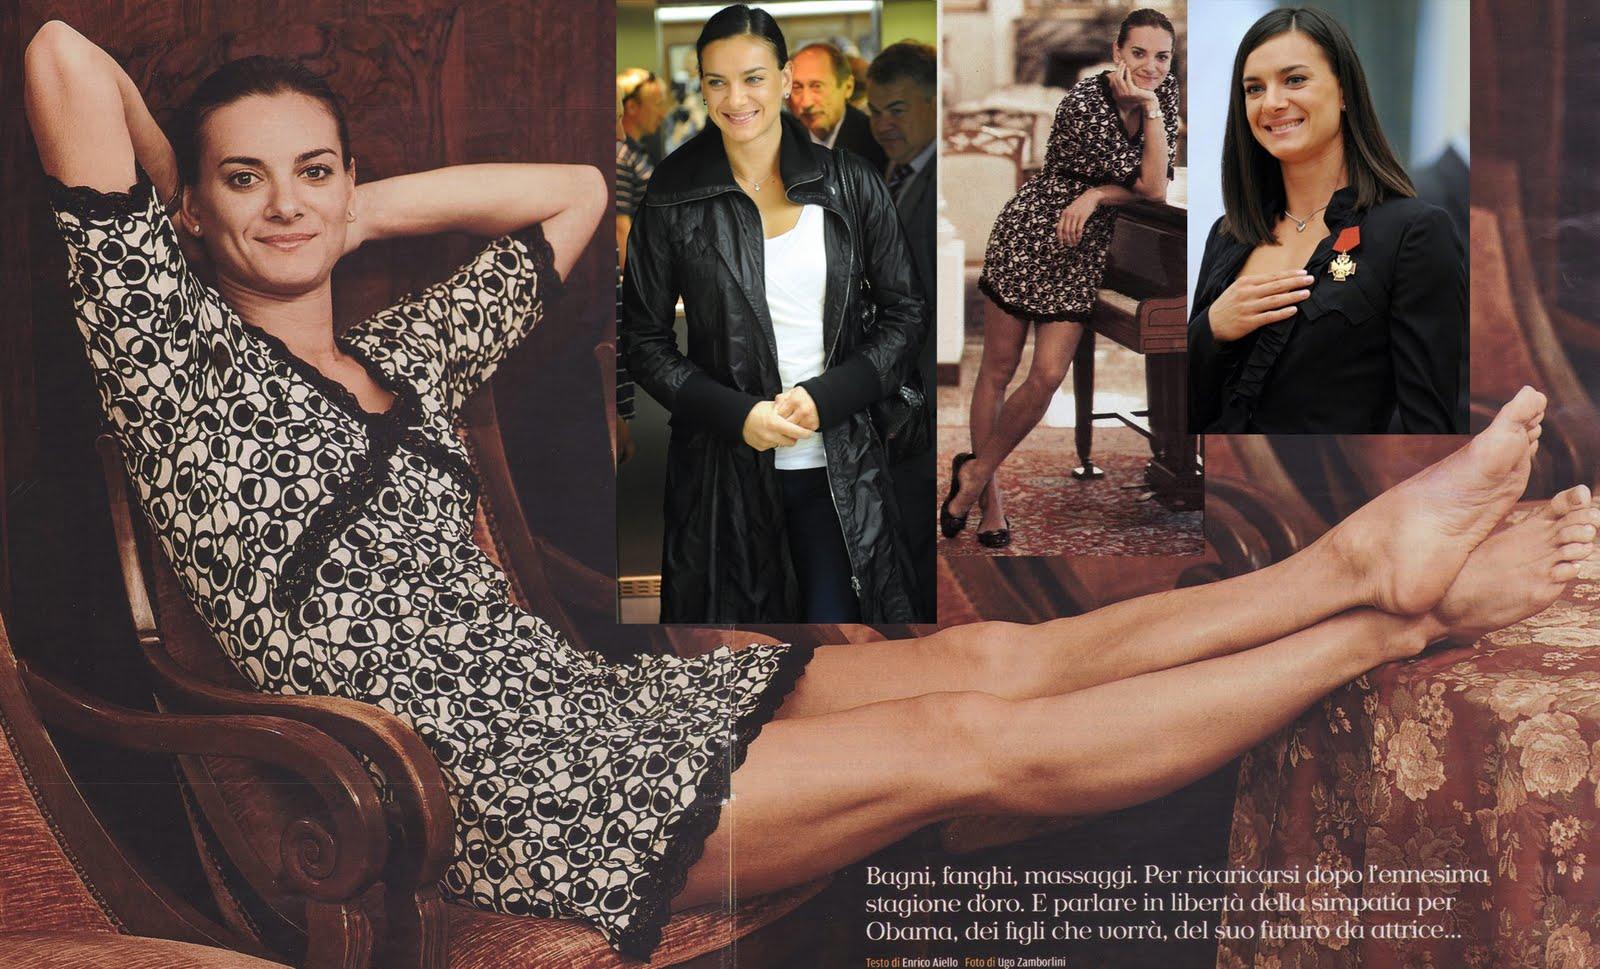 http://1.bp.blogspot.com/_UaLWp72nij4/TIlJZO8pDAI/AAAAAAAAUhQ/yWz-i5hwiPE/s1600/yelena-isinbayeva-feet-4.jpg